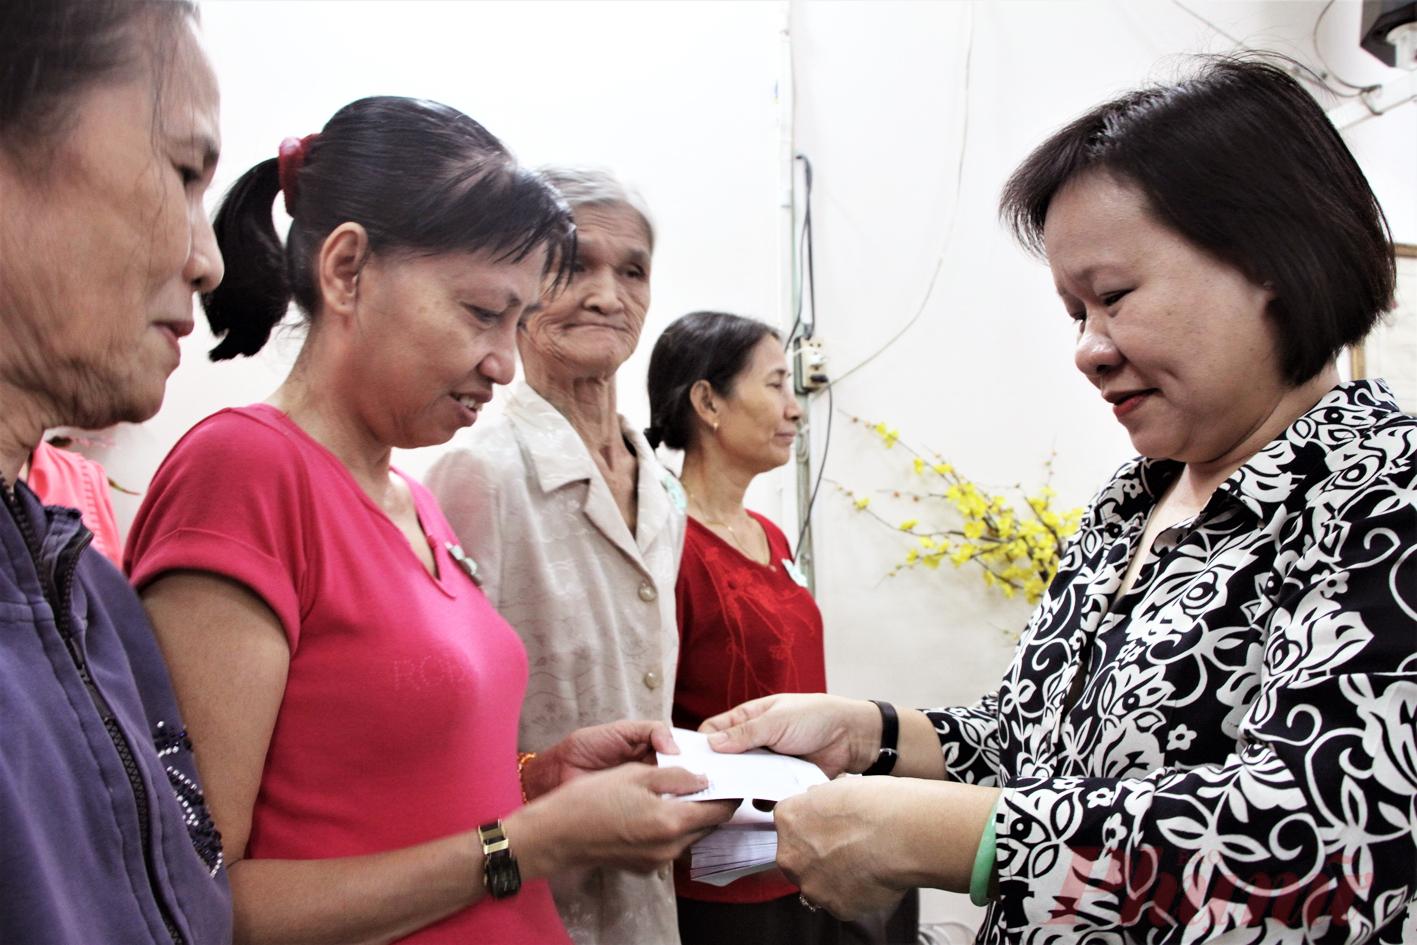 Báo Phụ Nữ TP.HCM - trao quà cho phụ nữ nghèo Q.Bình Thạnh sáng 10/1